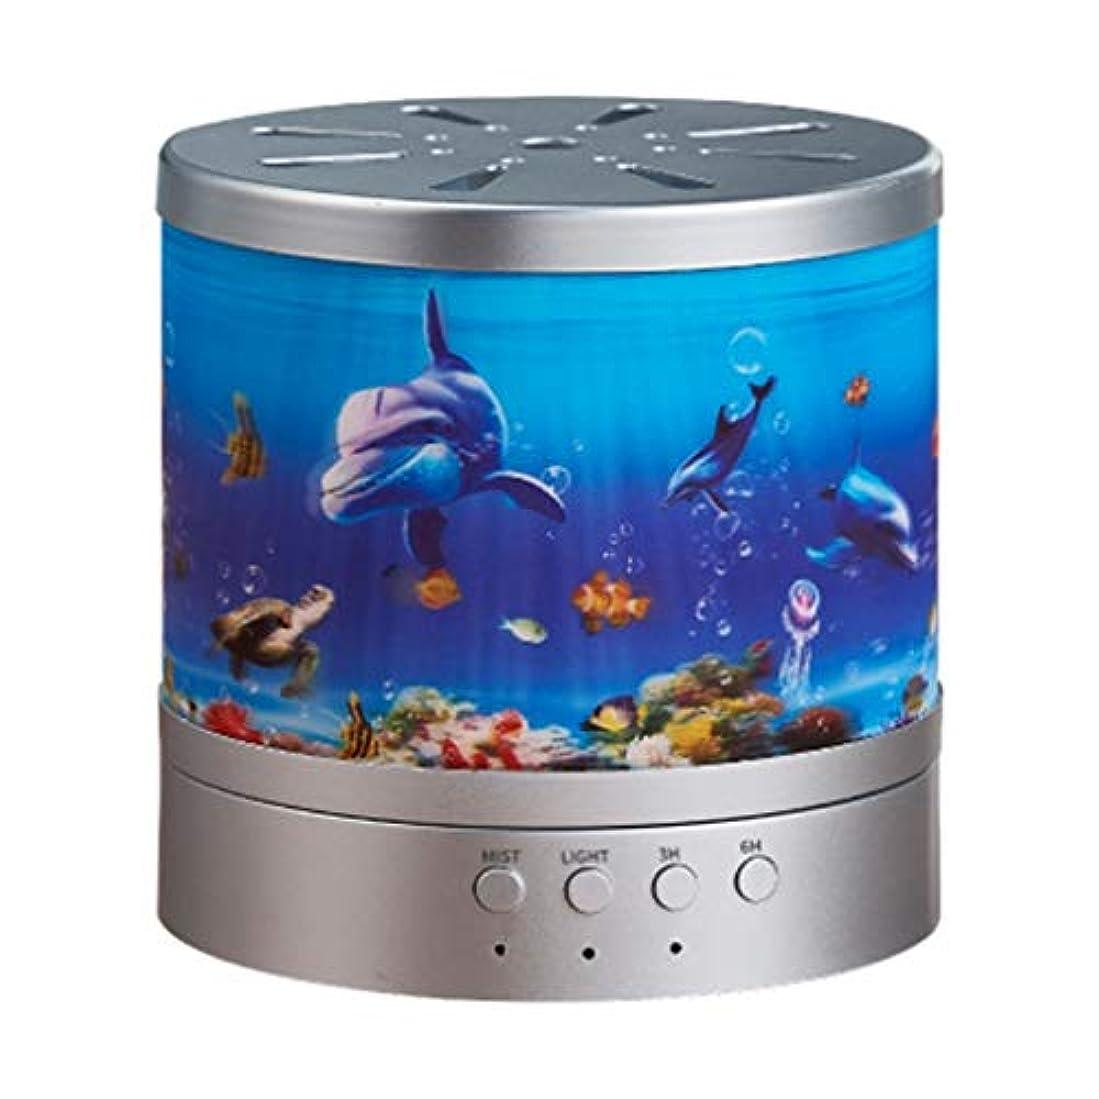 和らげるストラップ標準精油のための海洋の主題の拡散器超音波涼しい霧の加湿器、水なしの自動シャットオフおよび7つの色LEDライトは内務省のために変わります (Color : Silver)